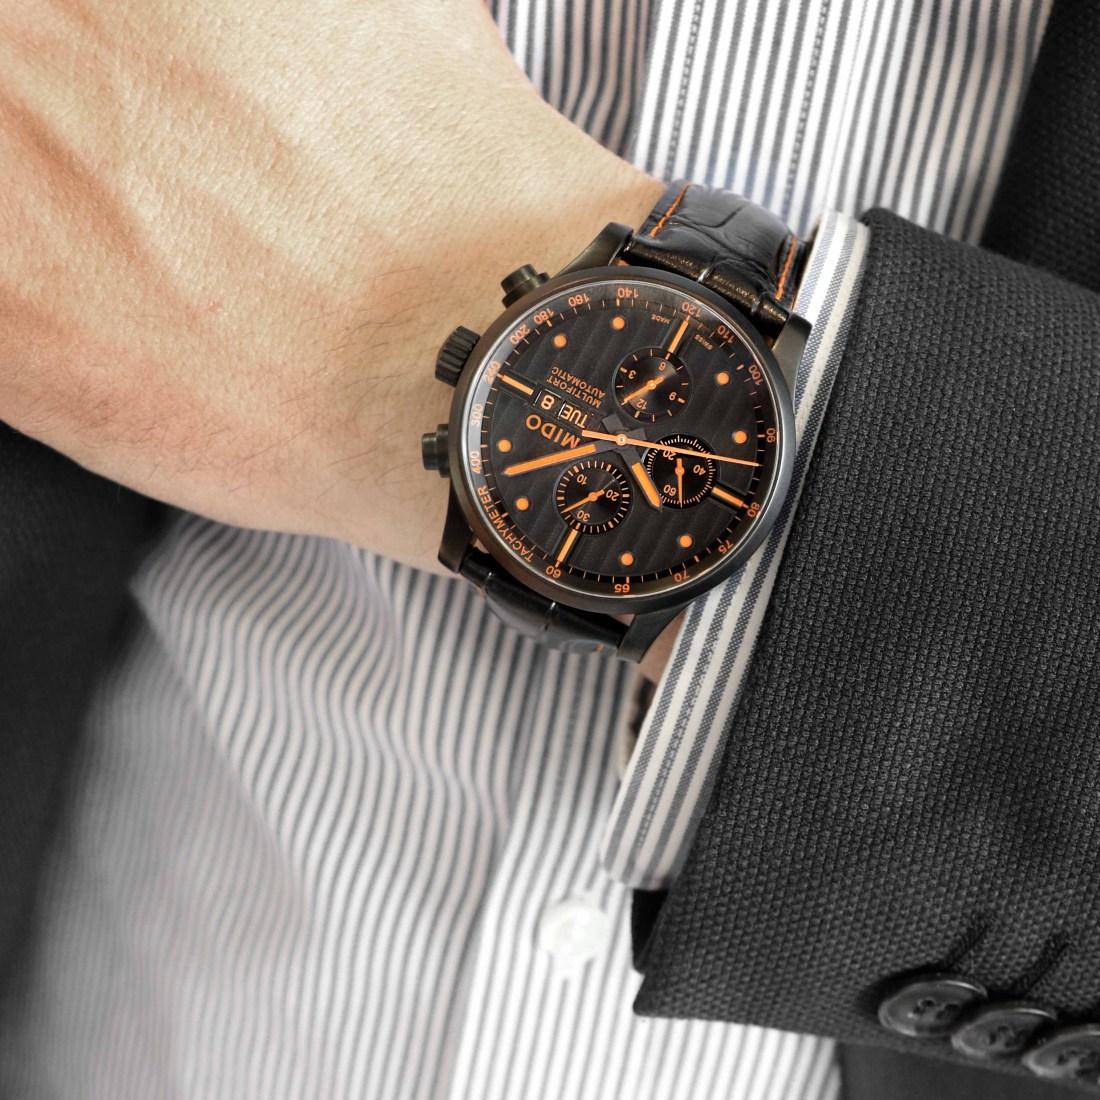 Brazo de un hombre utilizando el reloj MIDO en color negro con detalles naranjas